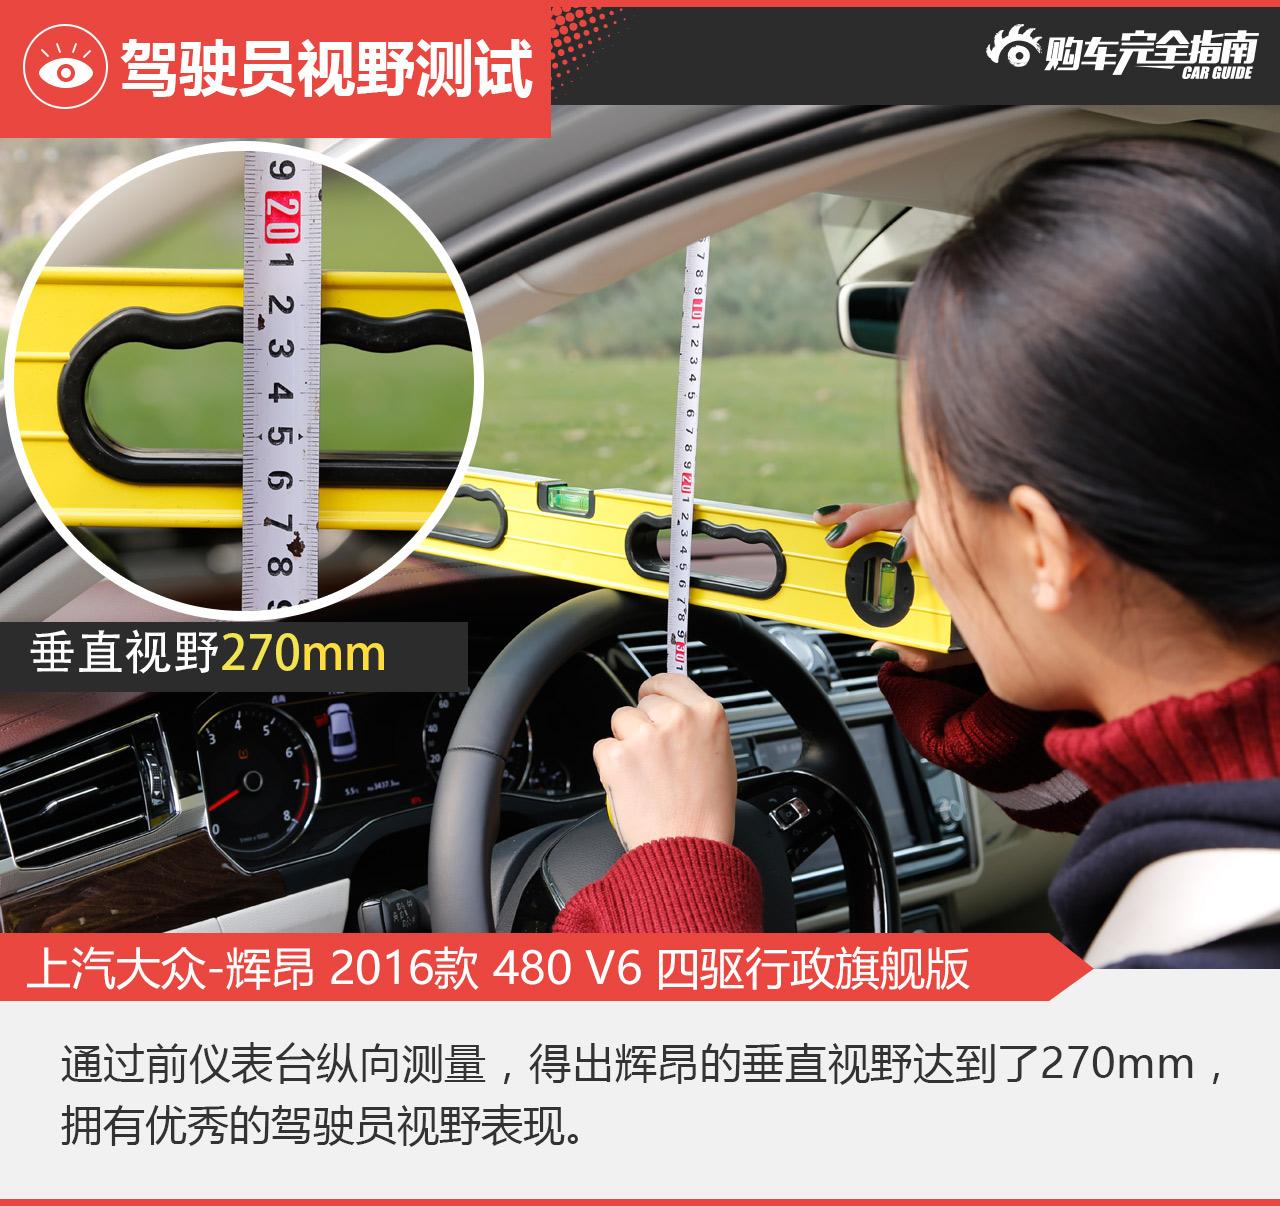 上汽大众 辉昂 2016款3.0T四驱行政旗舰版480 V6